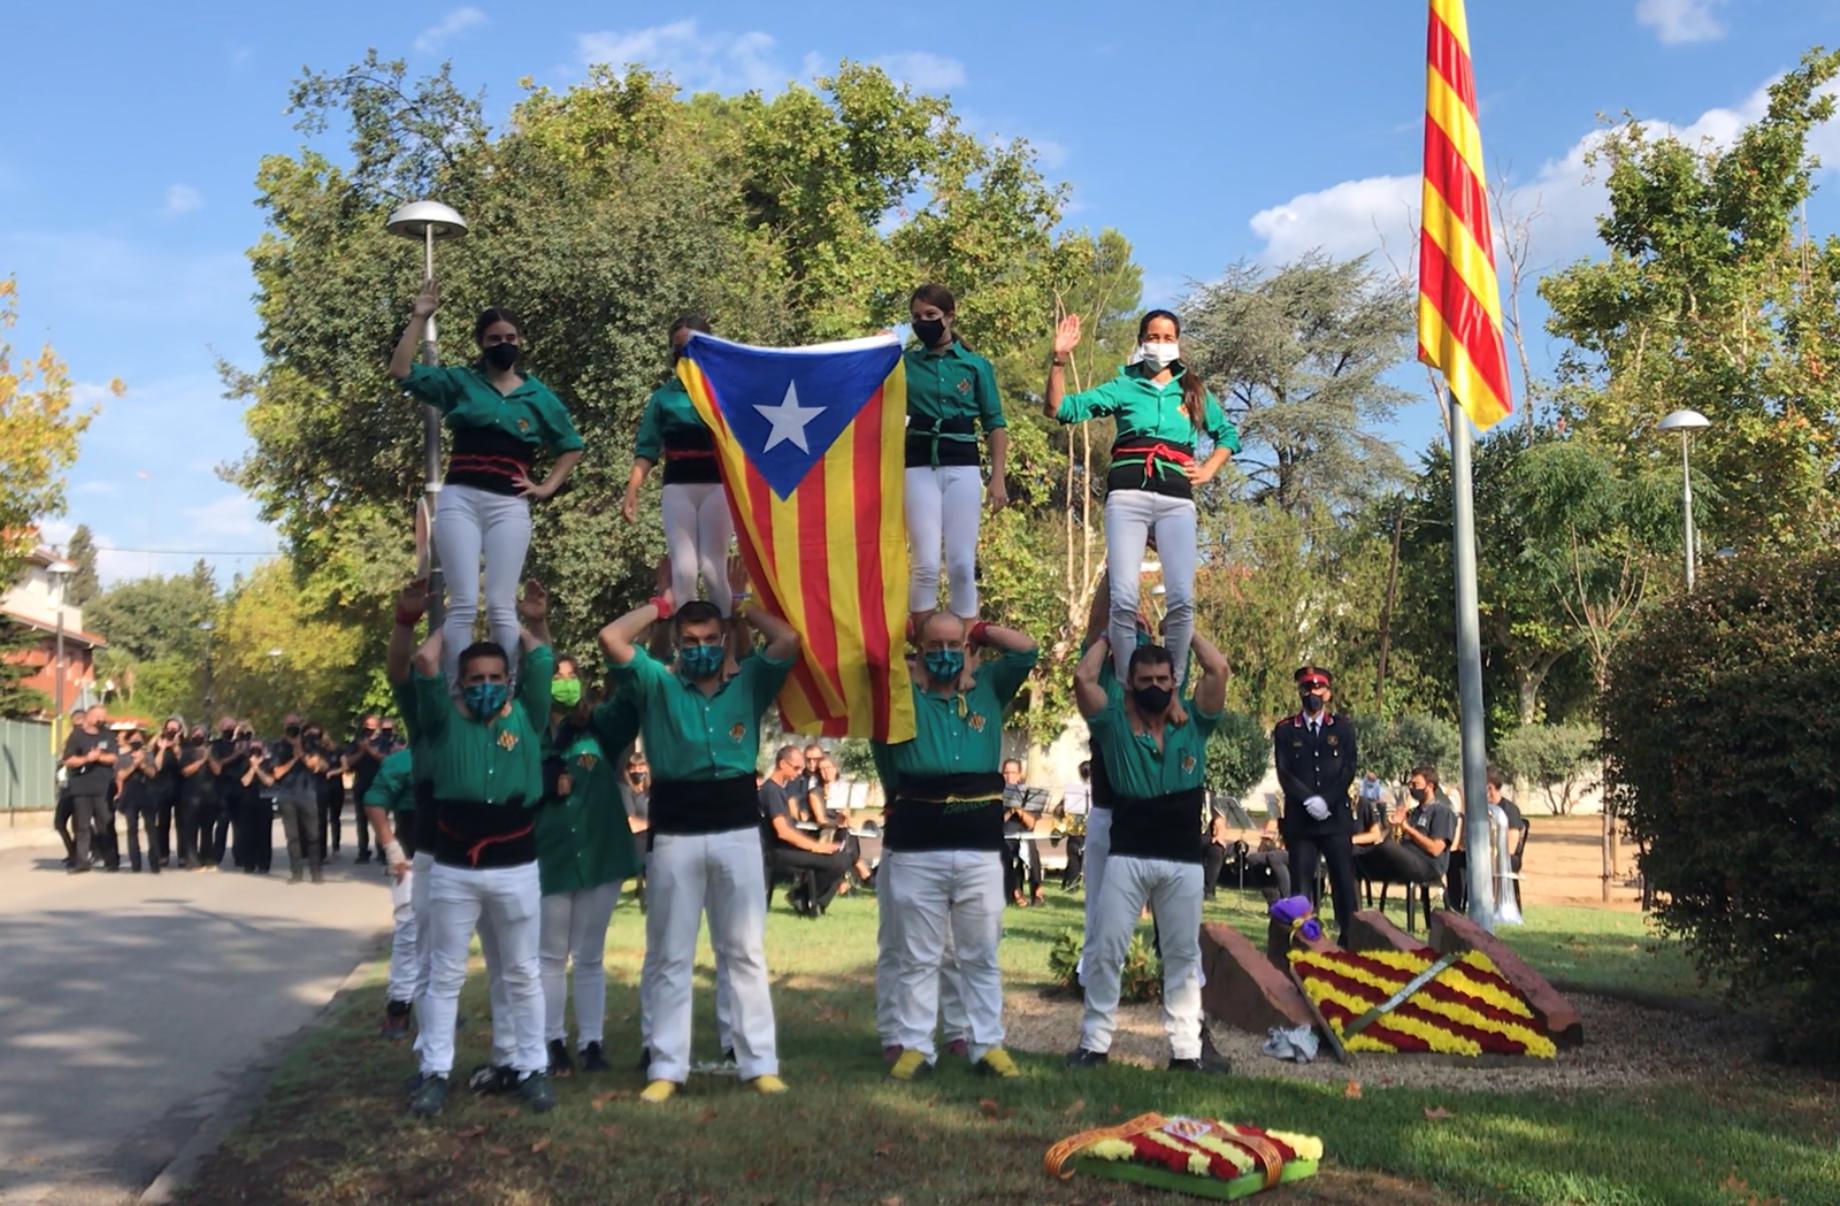 Pilars d'honor dels Castellers de Cerdanyola. FOTO: Nora Muñoz